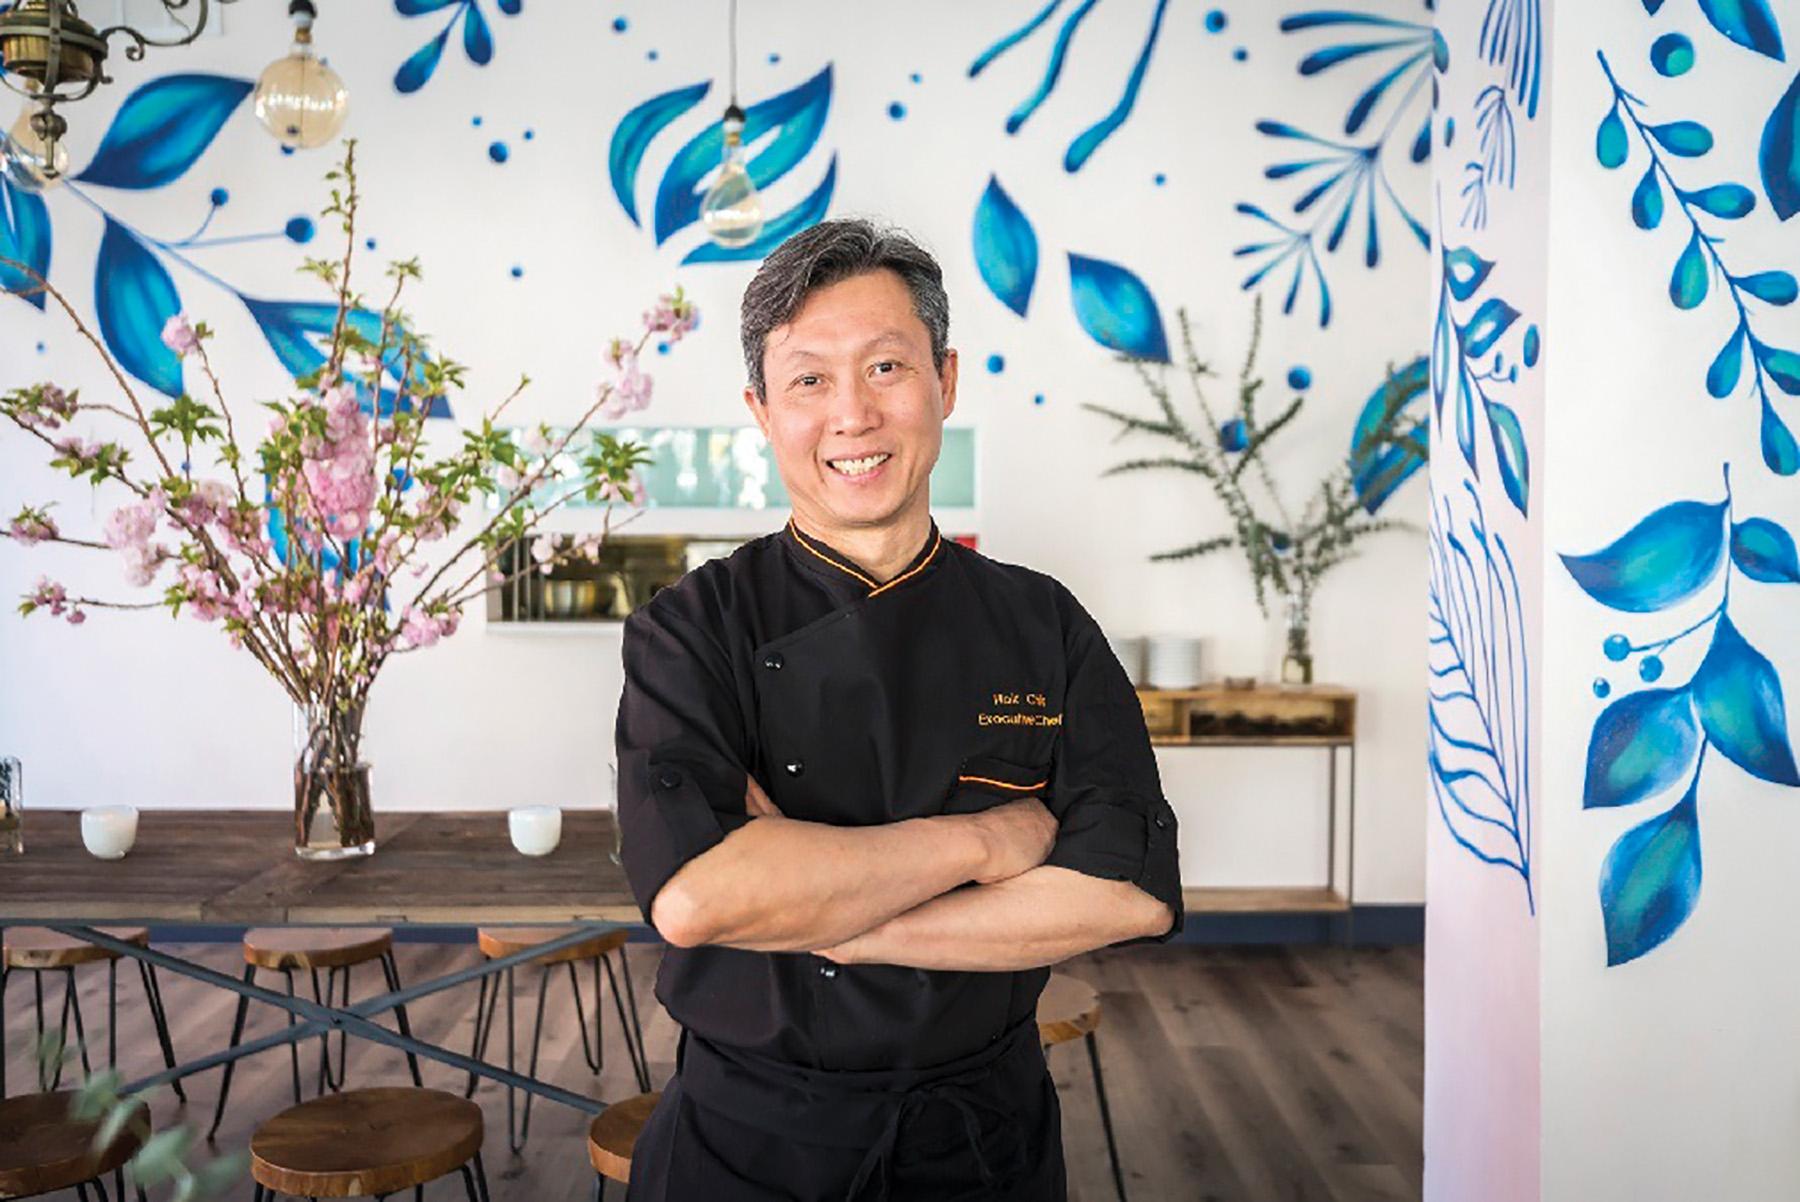 UN Plaza Grill's chef Hok Chin. Courtesy of UN Plaza Grill